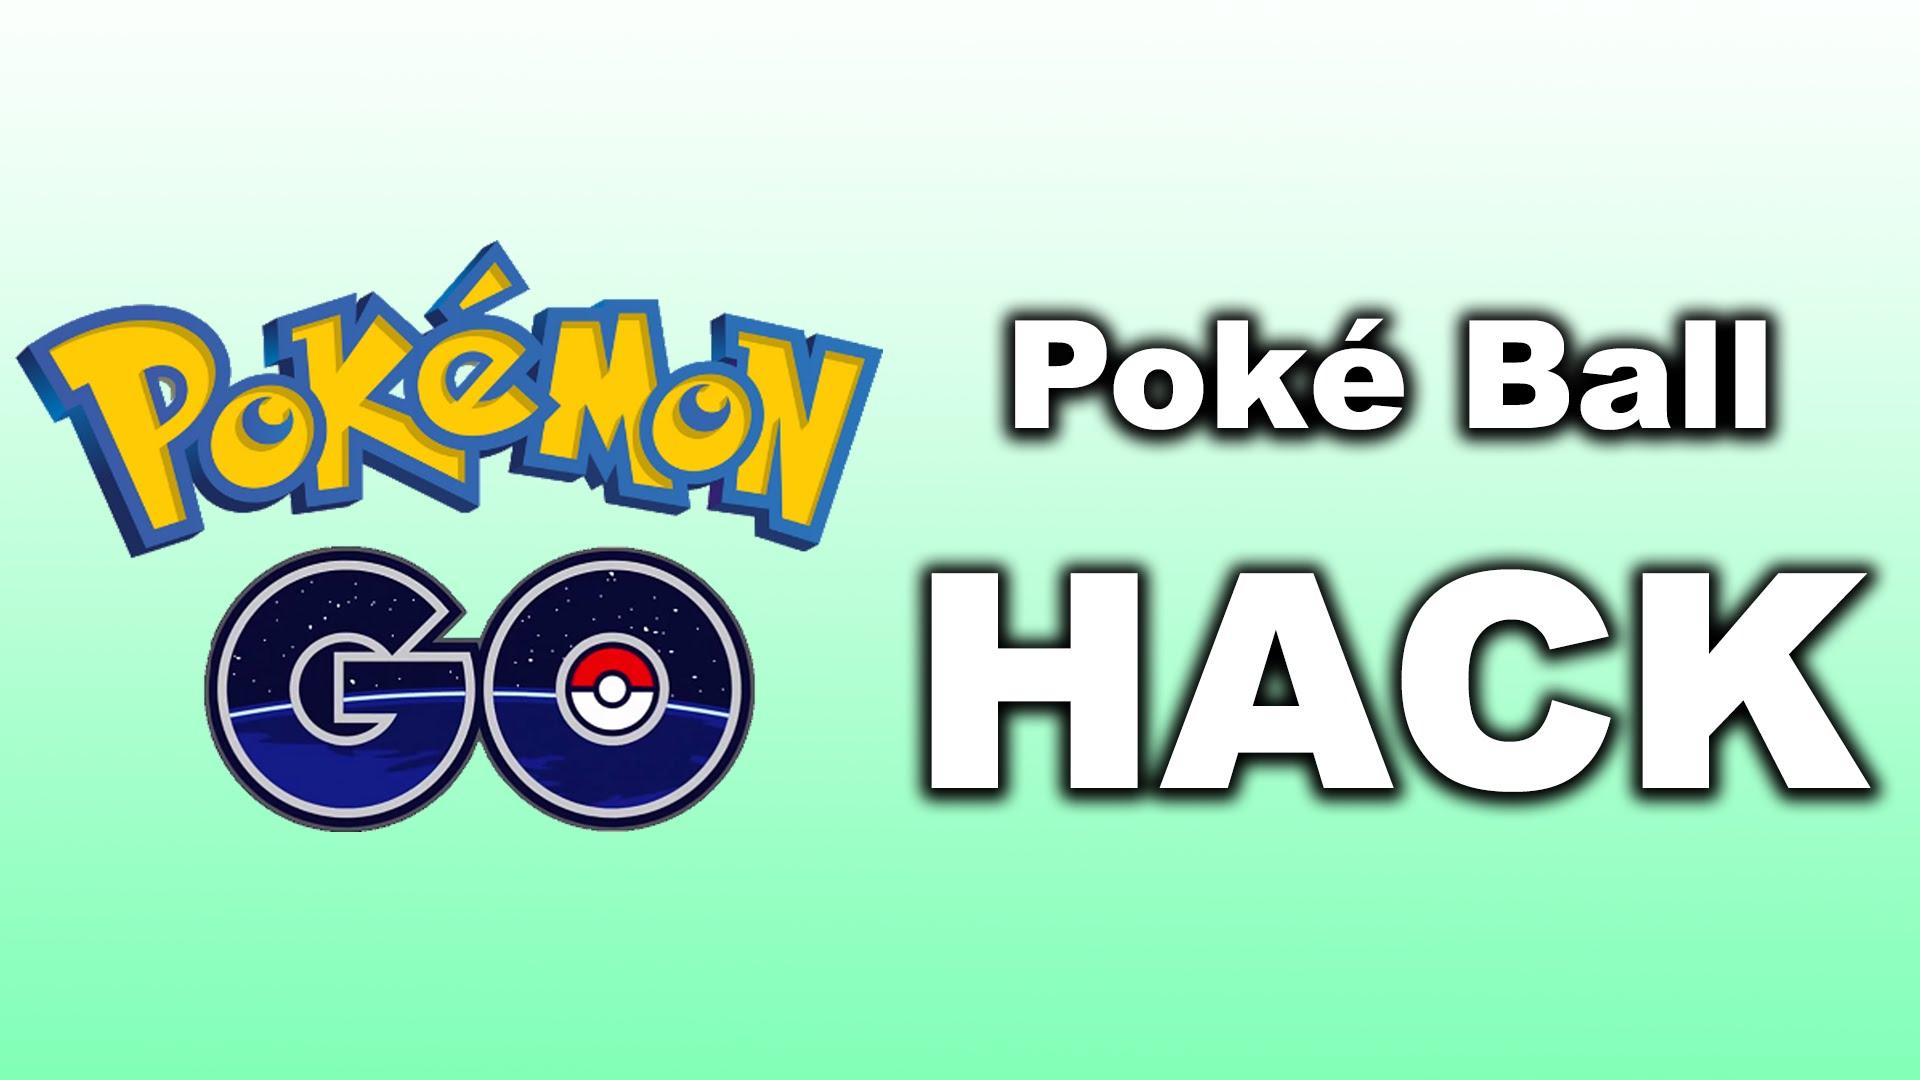 Ein total sinnloser, teurer und aufwändiger Pokémon GO Hack, um realistischer Pokémon zu fangen